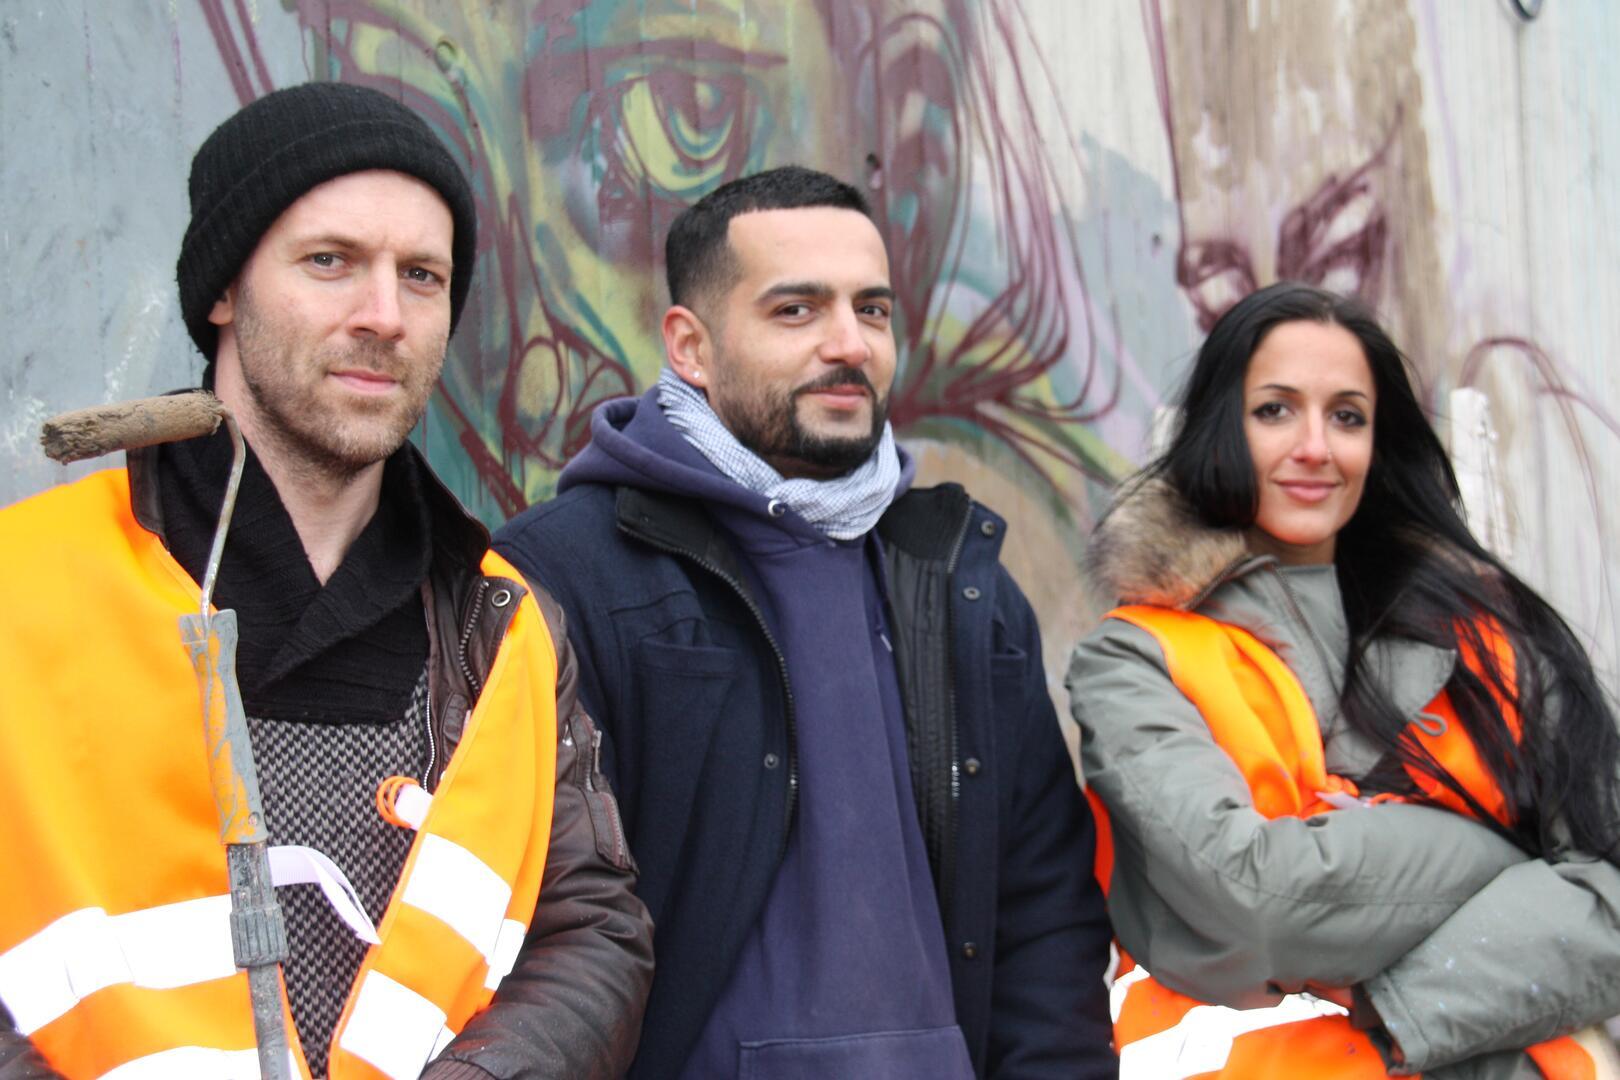 Künstler Mannheim künstler gonzalo maldonado morales aus mannheim und das künstler